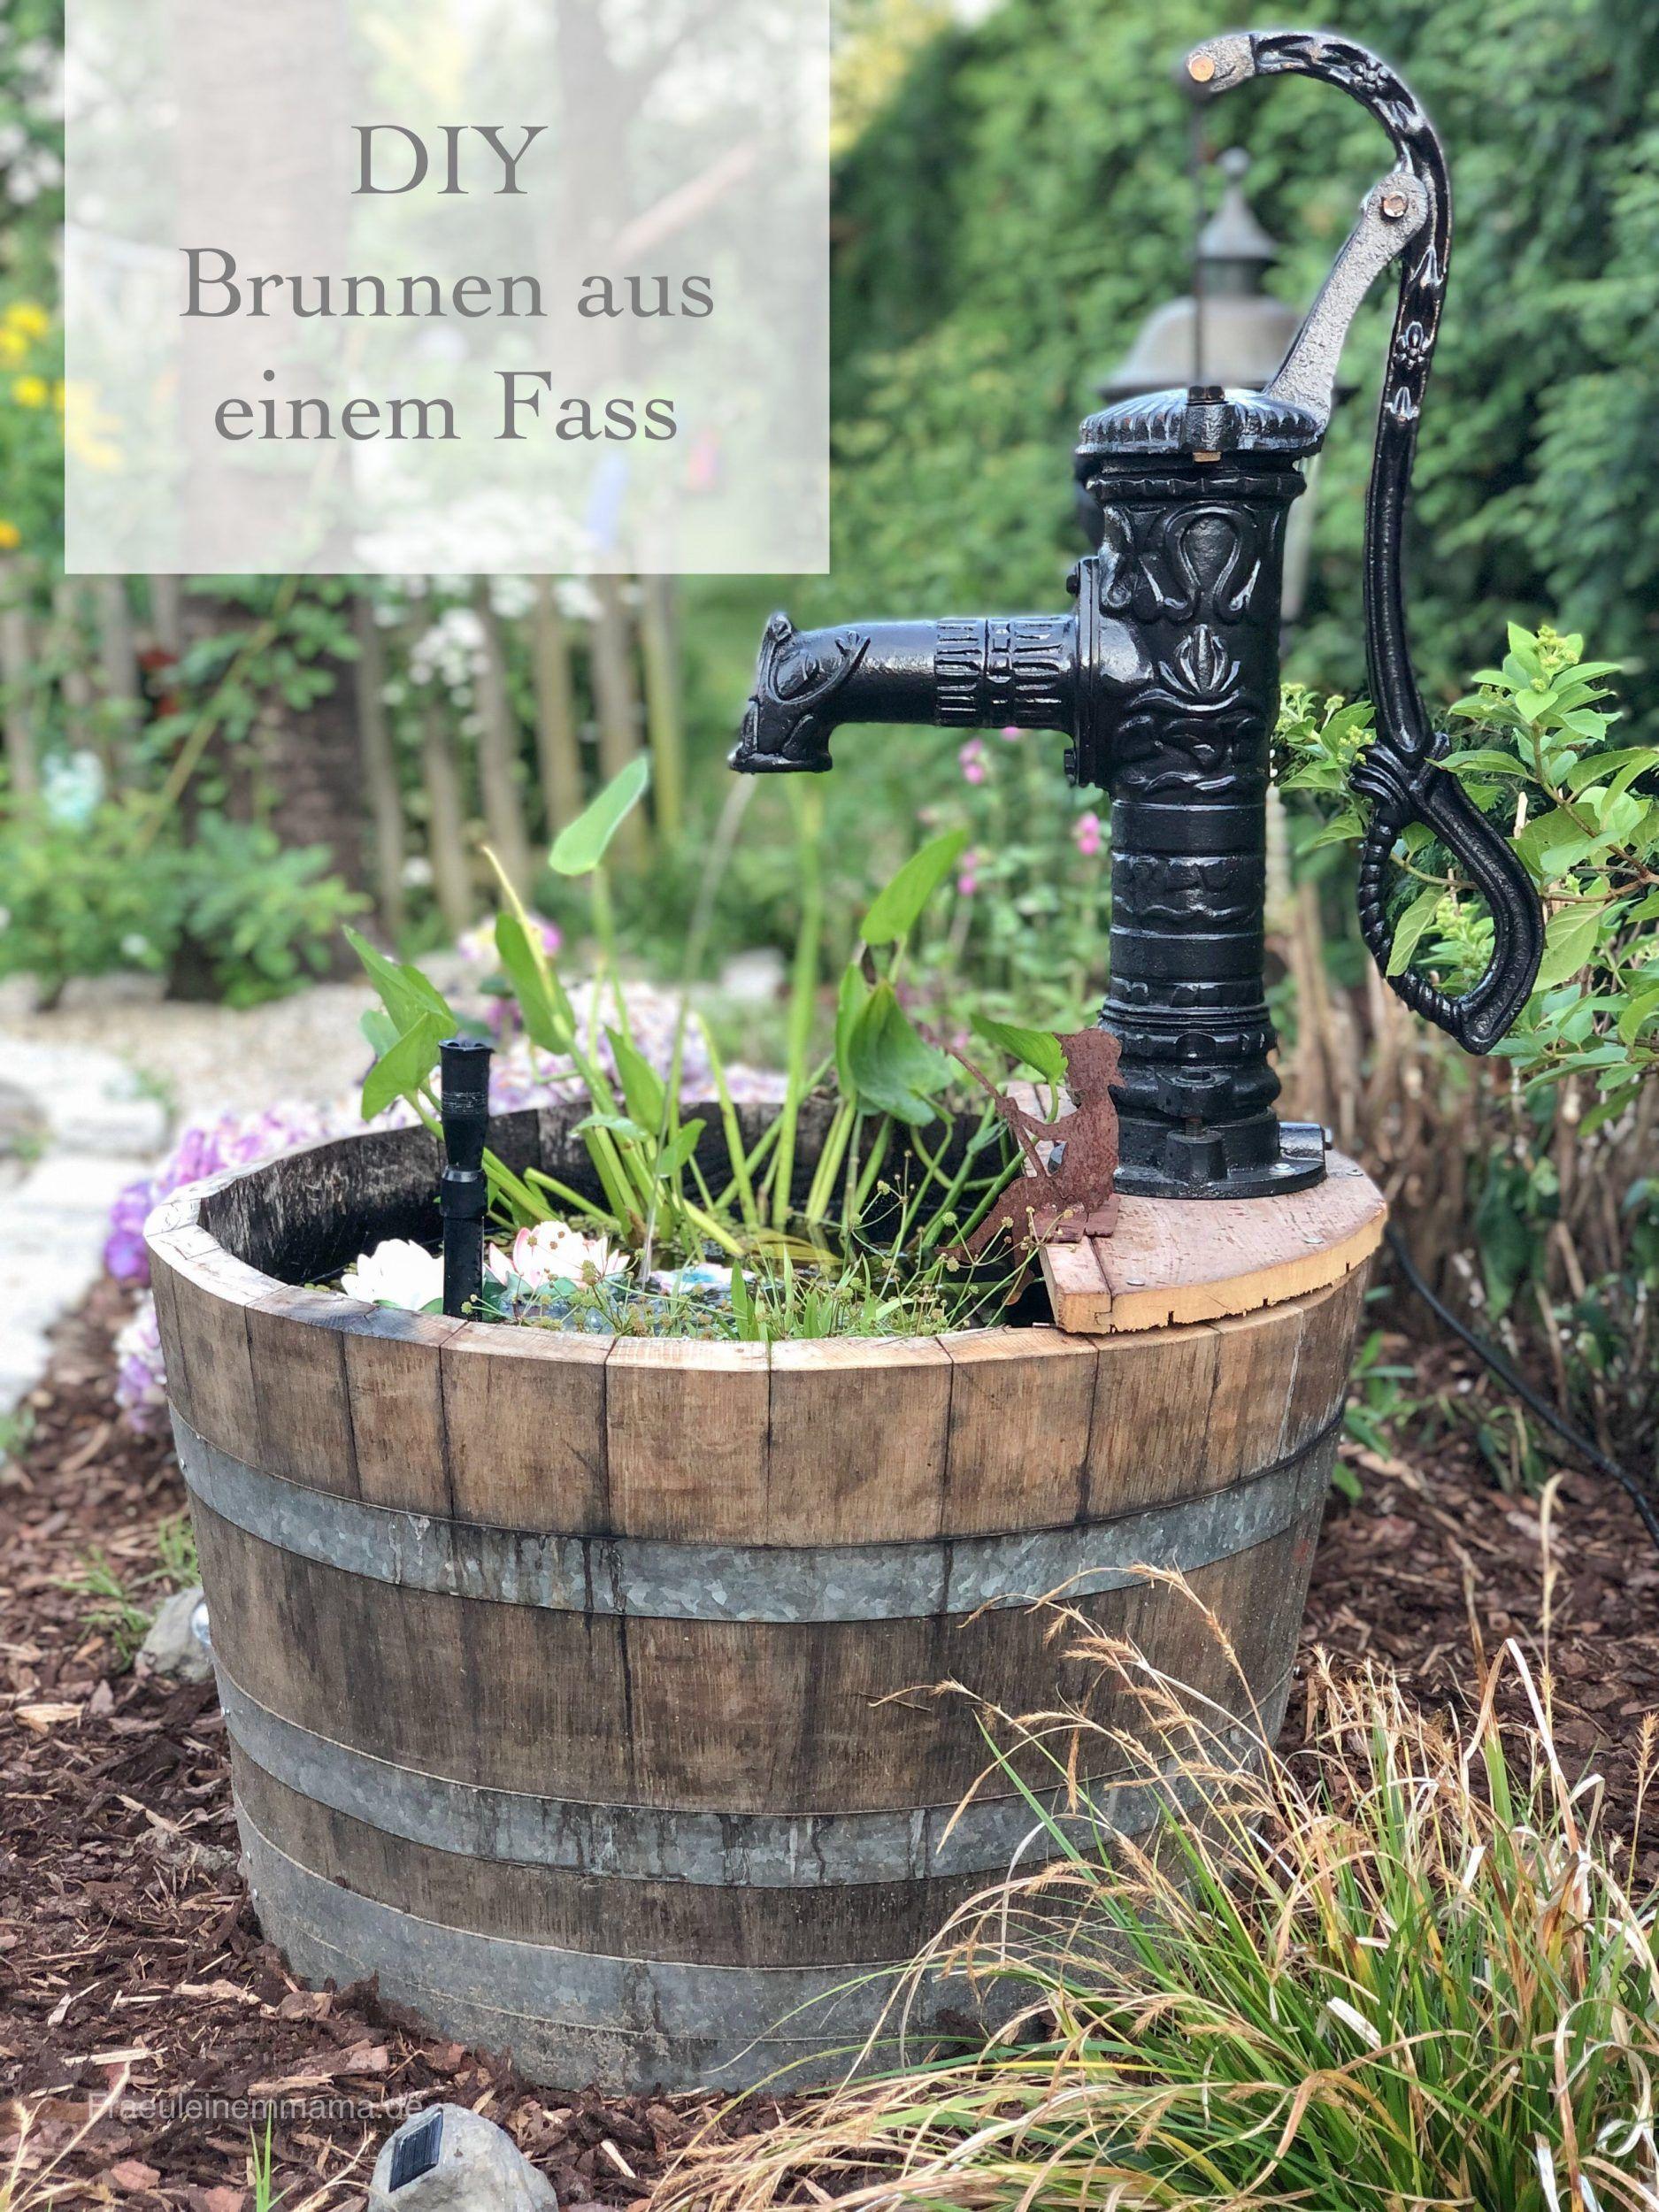 DIY Brunnen aus einem Fass – Fräulein Emmama